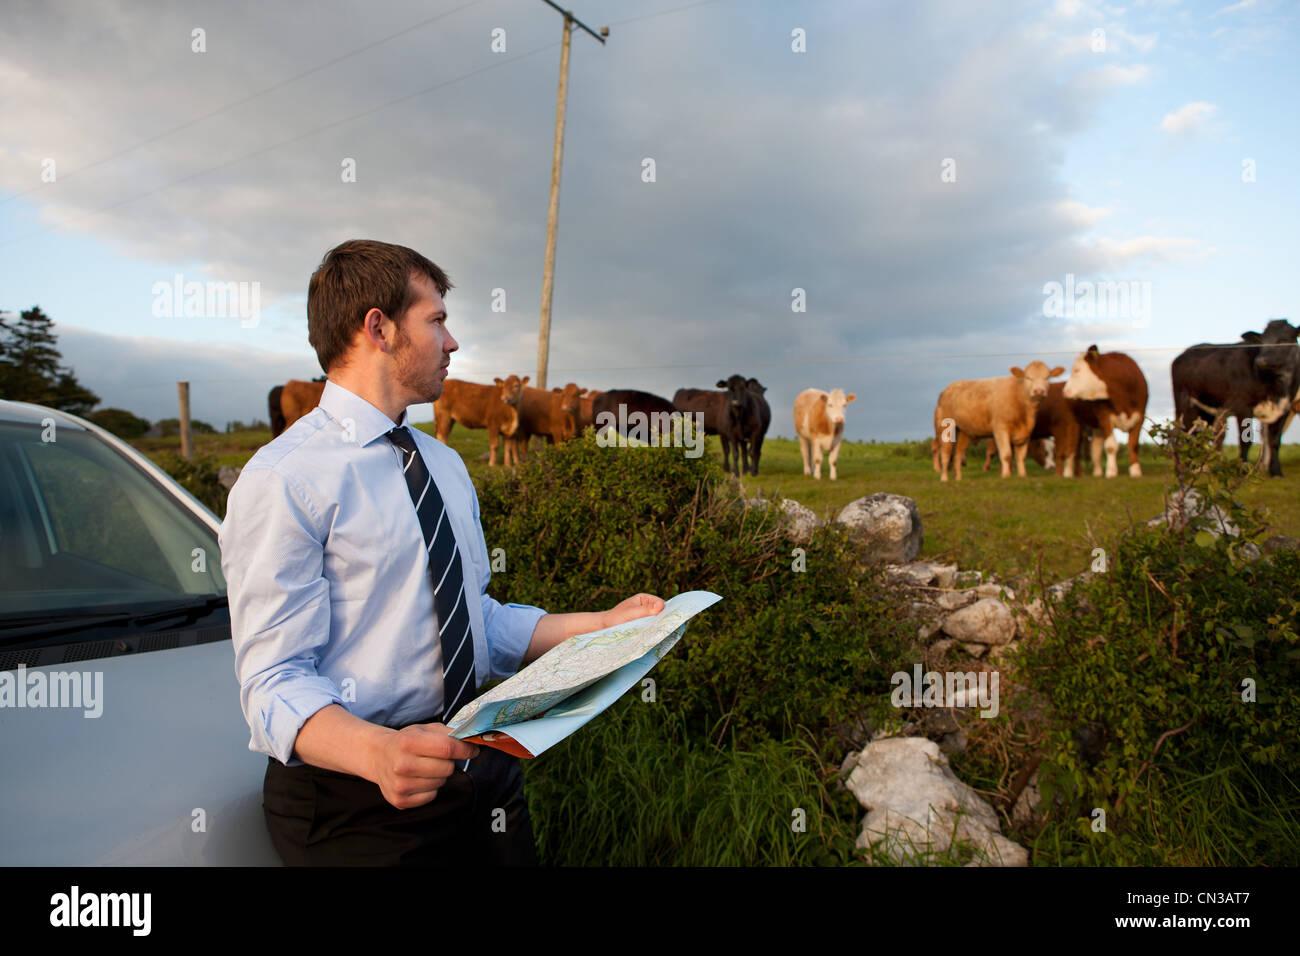 Imprenditore mappa di lettura in zona rurale Immagini Stock